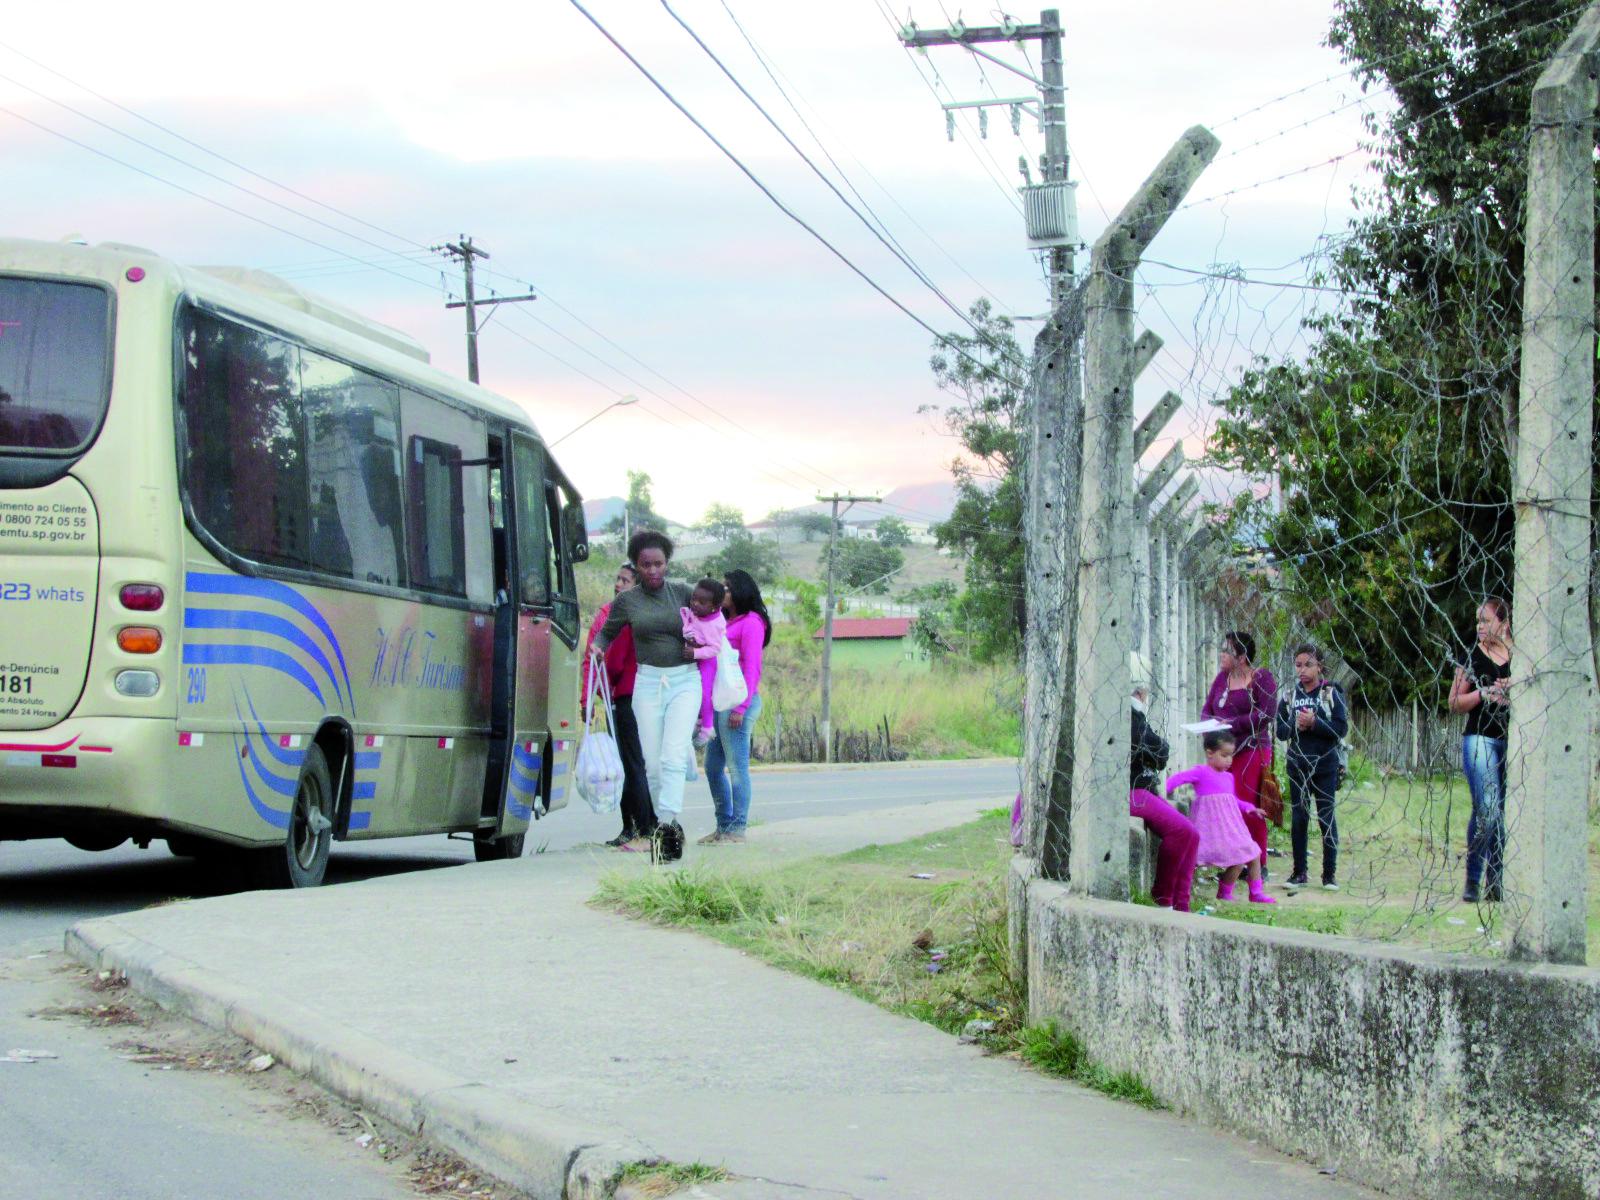 Mães acompanham crianças que utilizam ônibus que fez o transporte até às escolas da rede municipal; falta de pagamento gerou paralisação (Foto: Maria Fernanda Rezende)